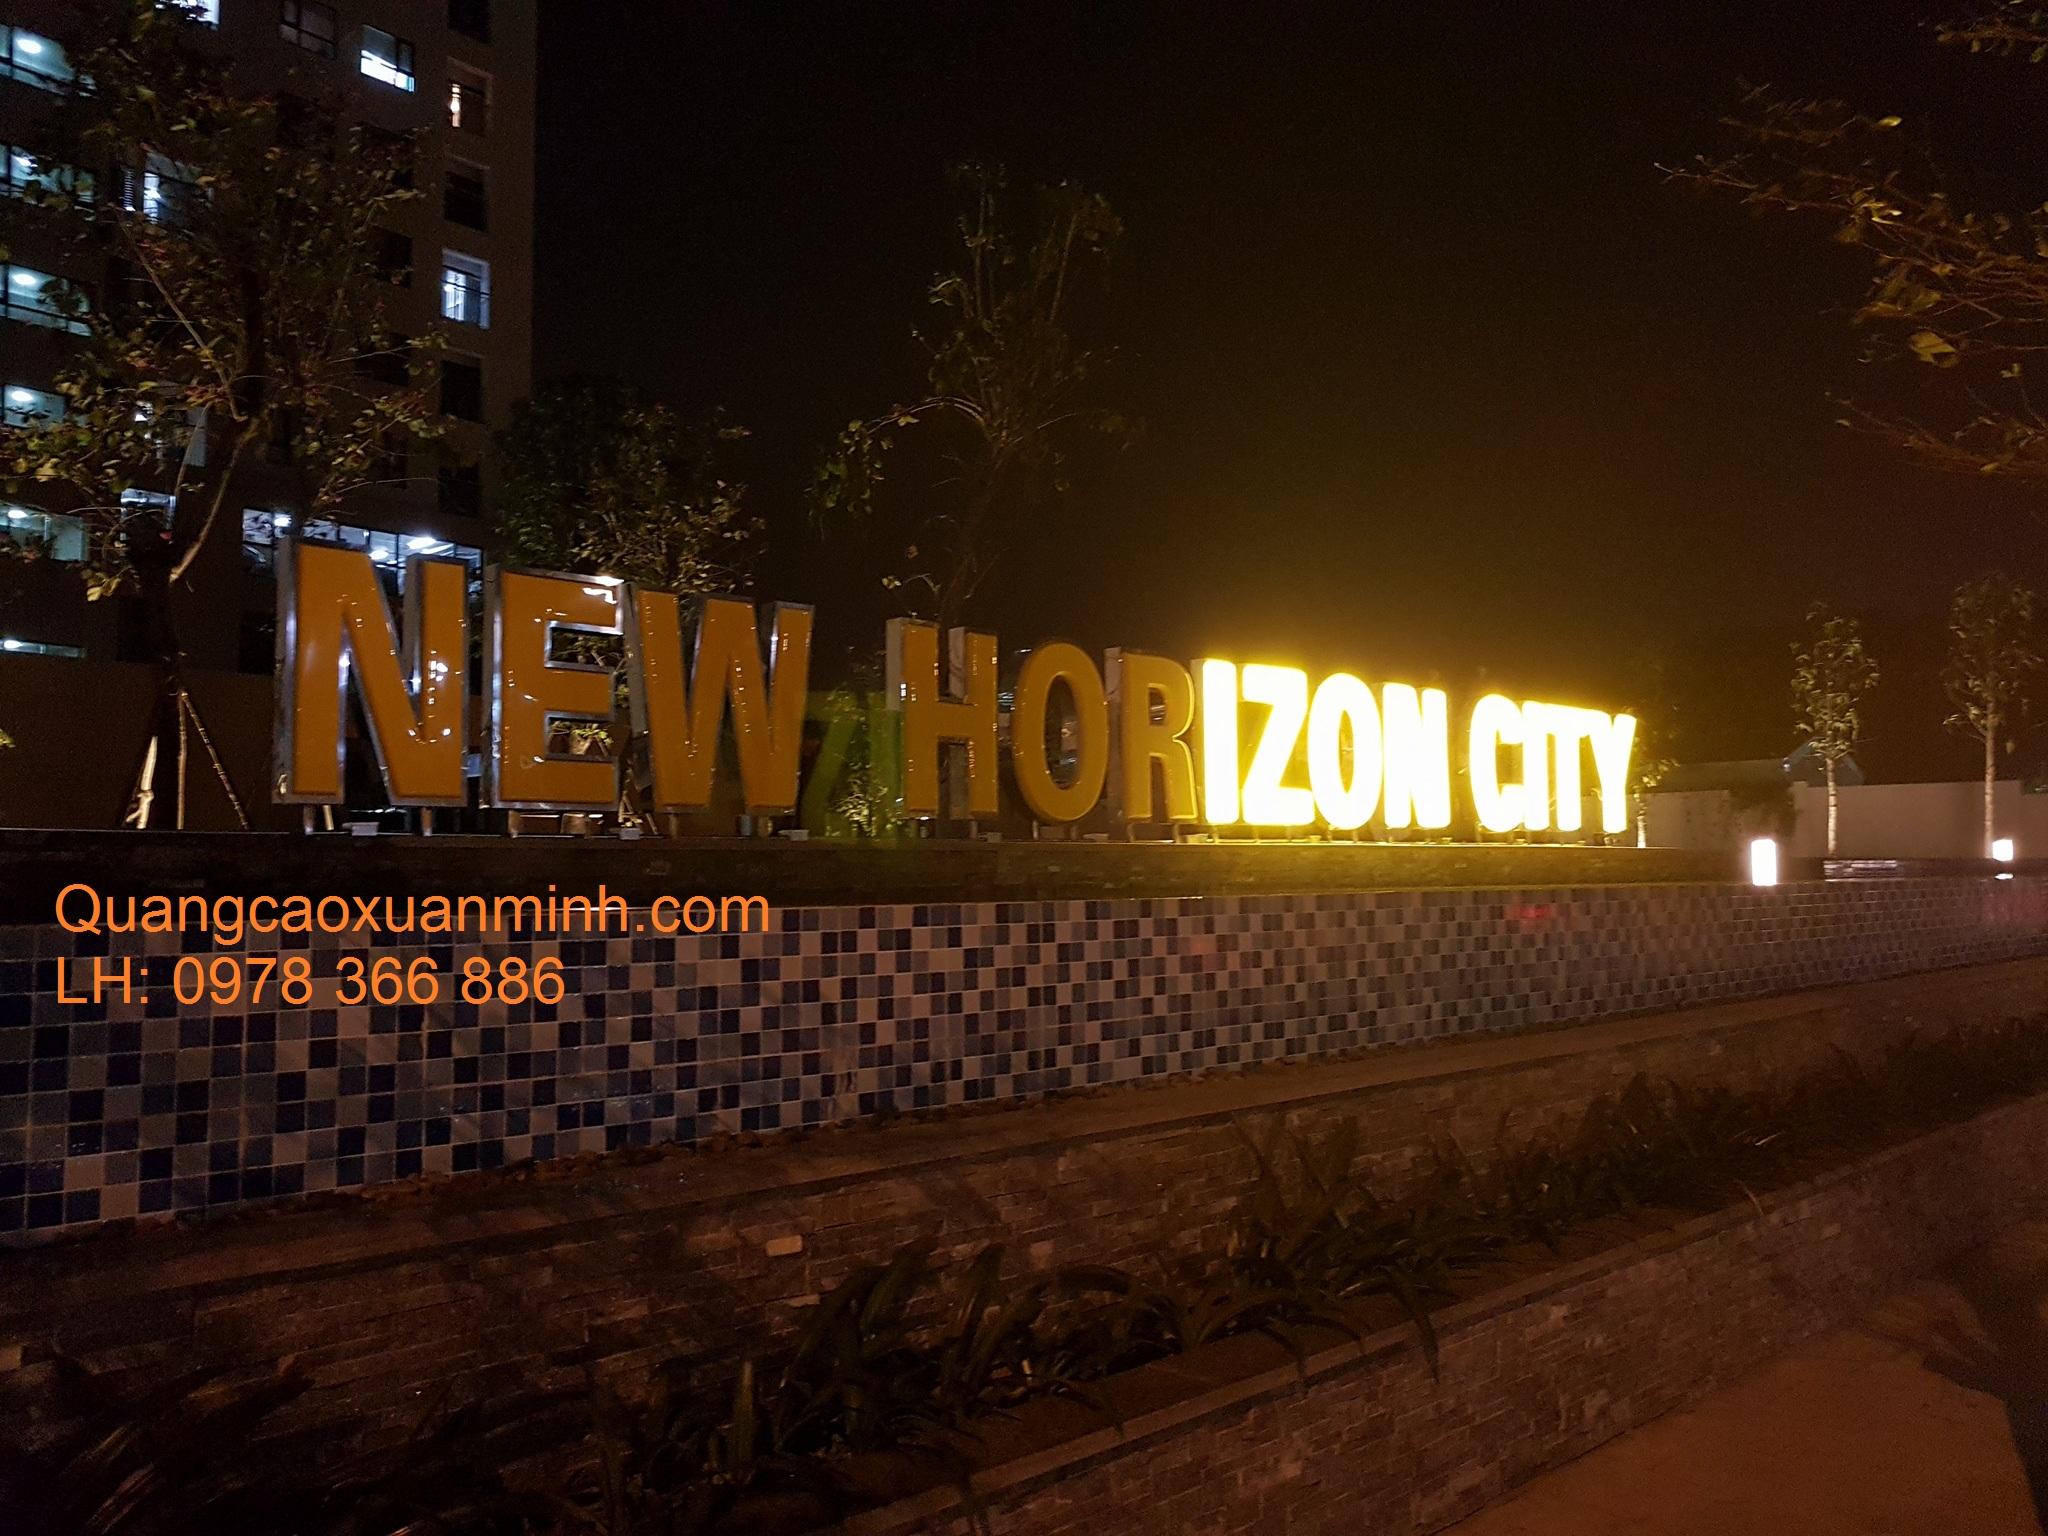 Biển-chữ-New-Horizon-City-Lĩnh-Nam-Hà-Nội